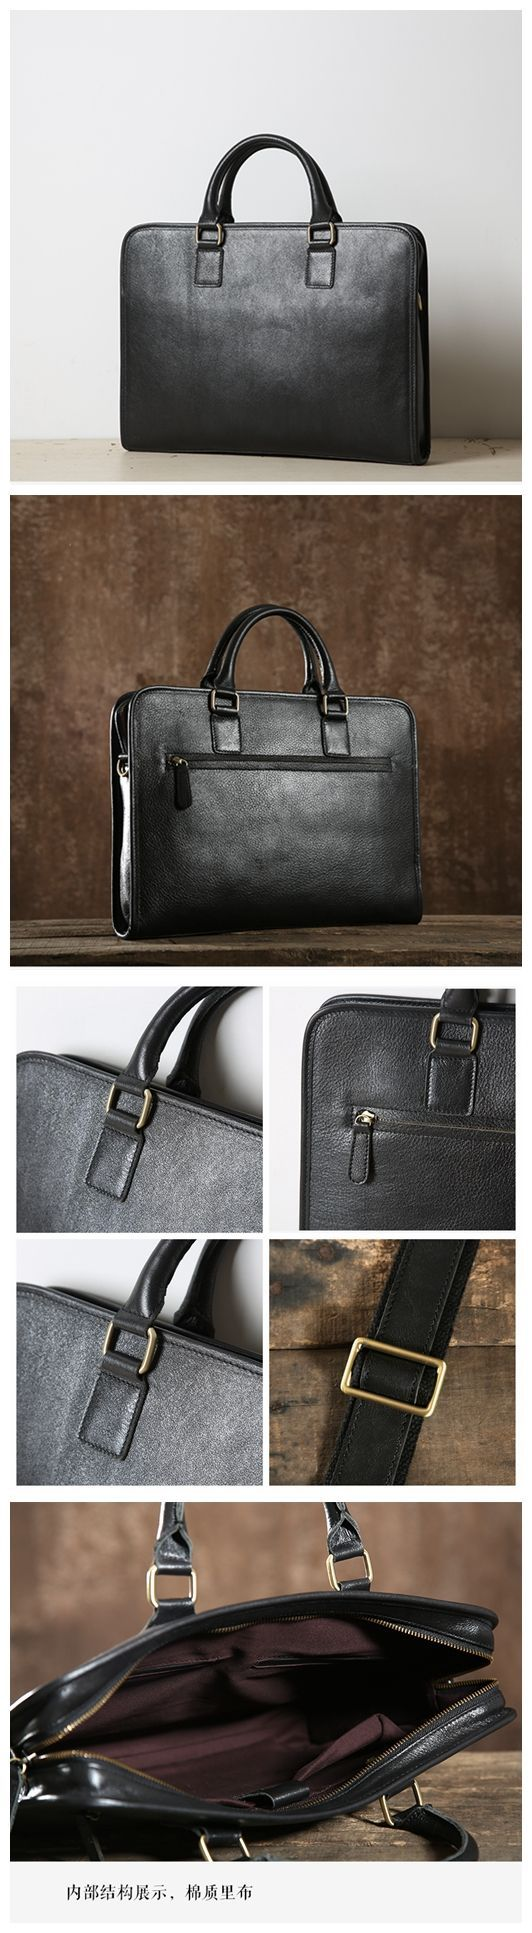 Black Leather Briefcase, Handmade Leather Bag, Business Bag GLT001